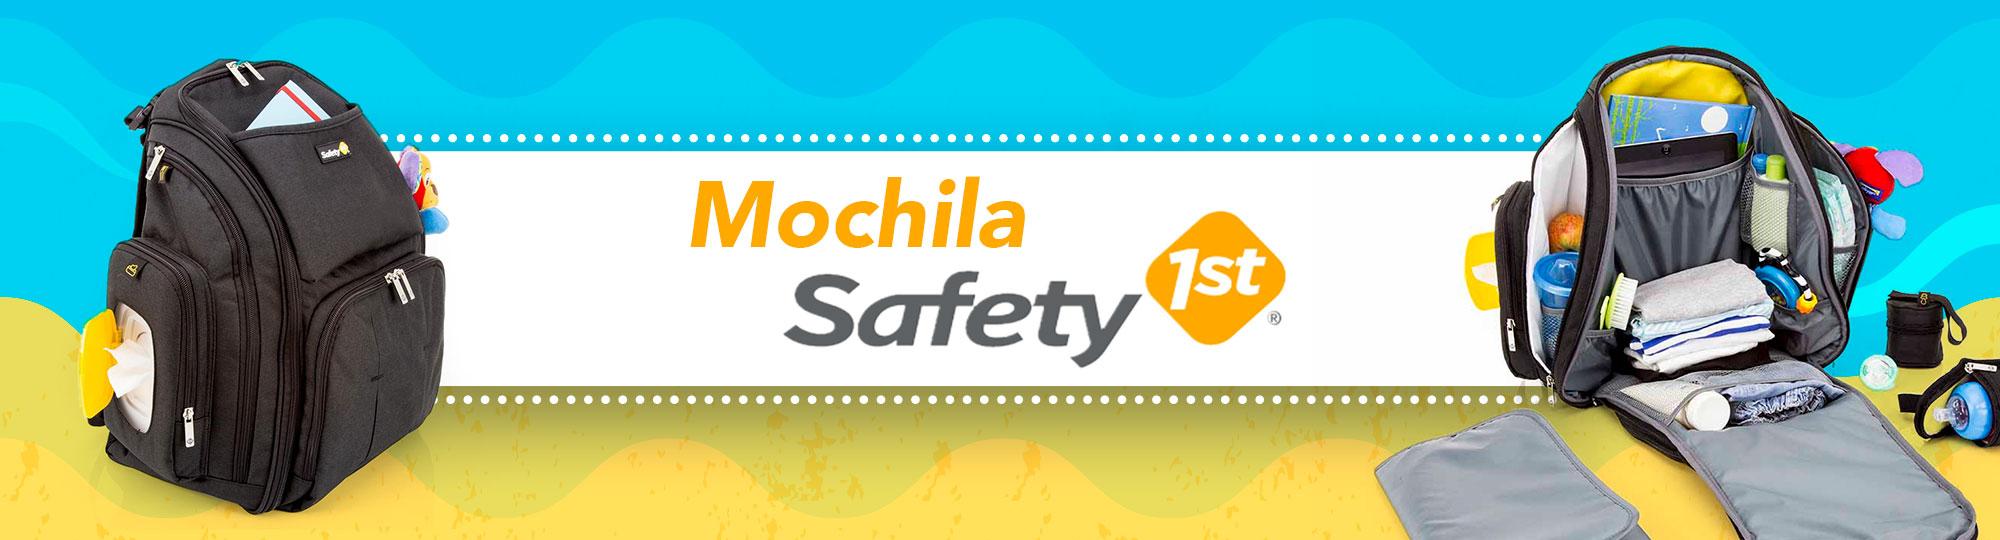 Mochila Safety 1st